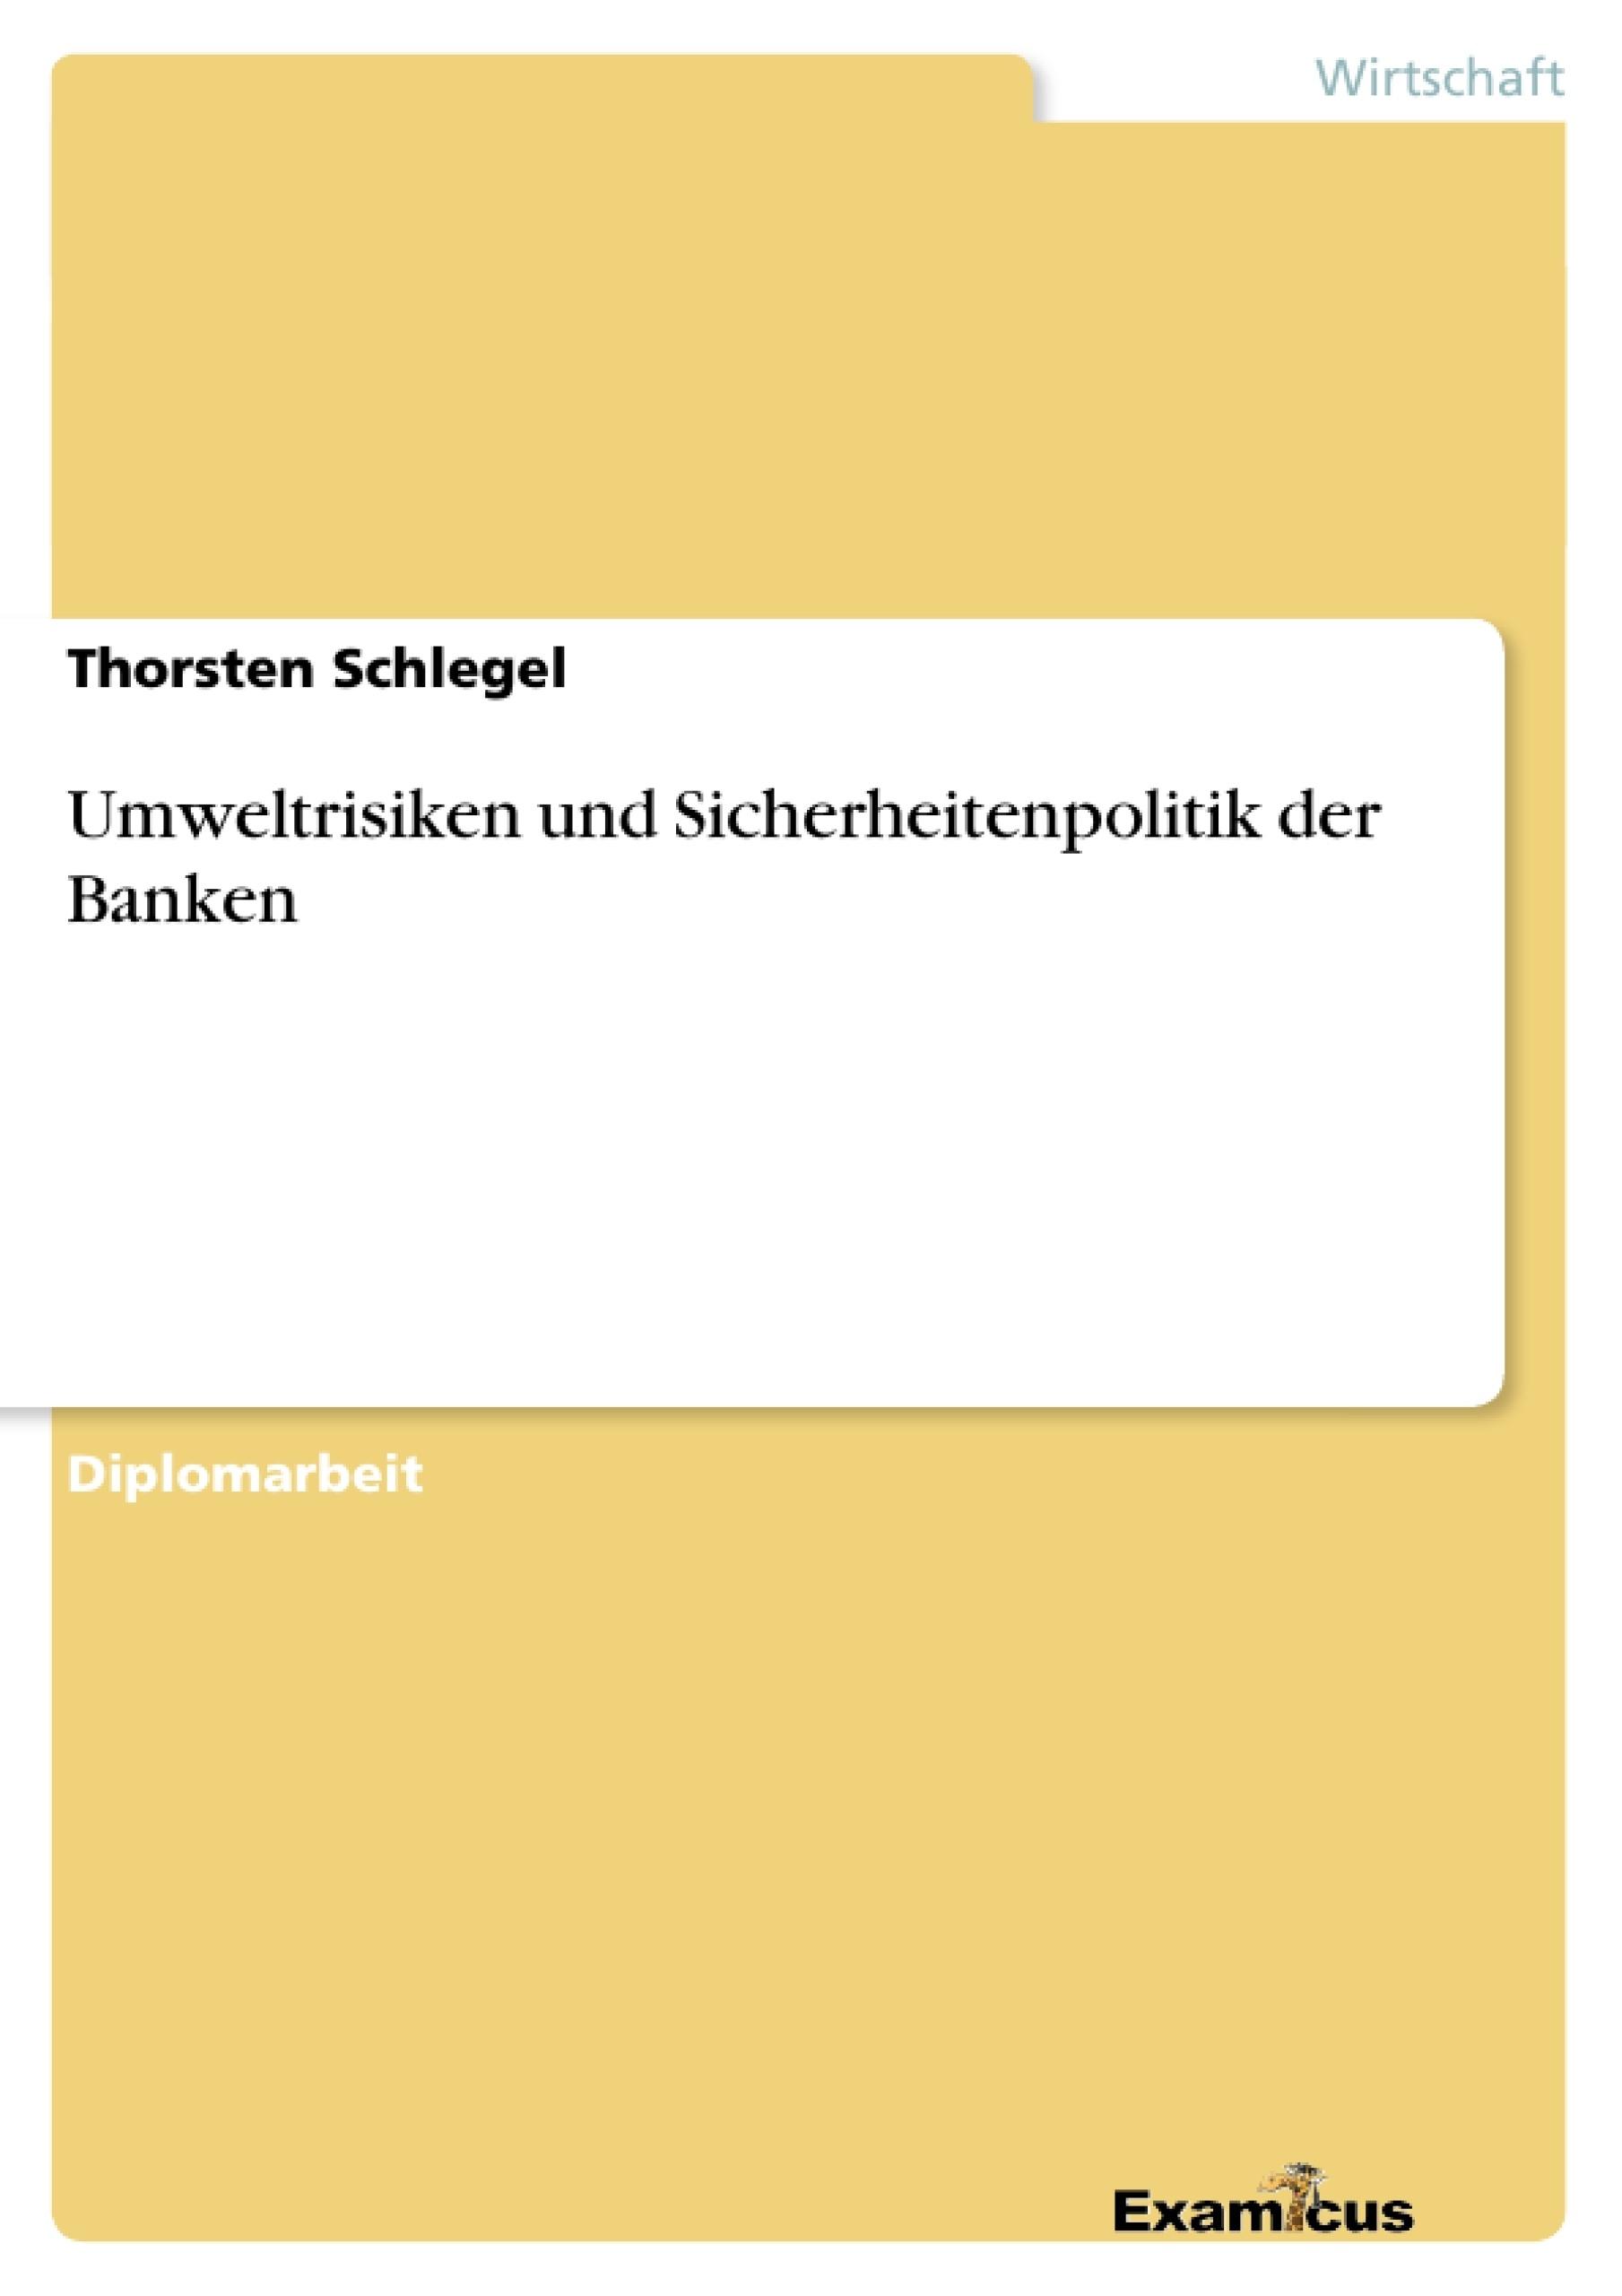 Titel: Umweltrisiken und Sicherheitenpolitik der Banken